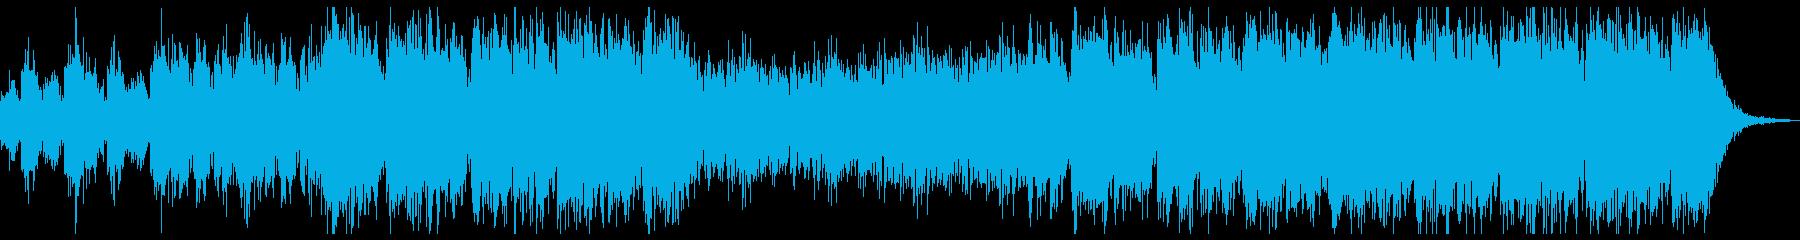 猛々しく雄雄しいBGMの再生済みの波形